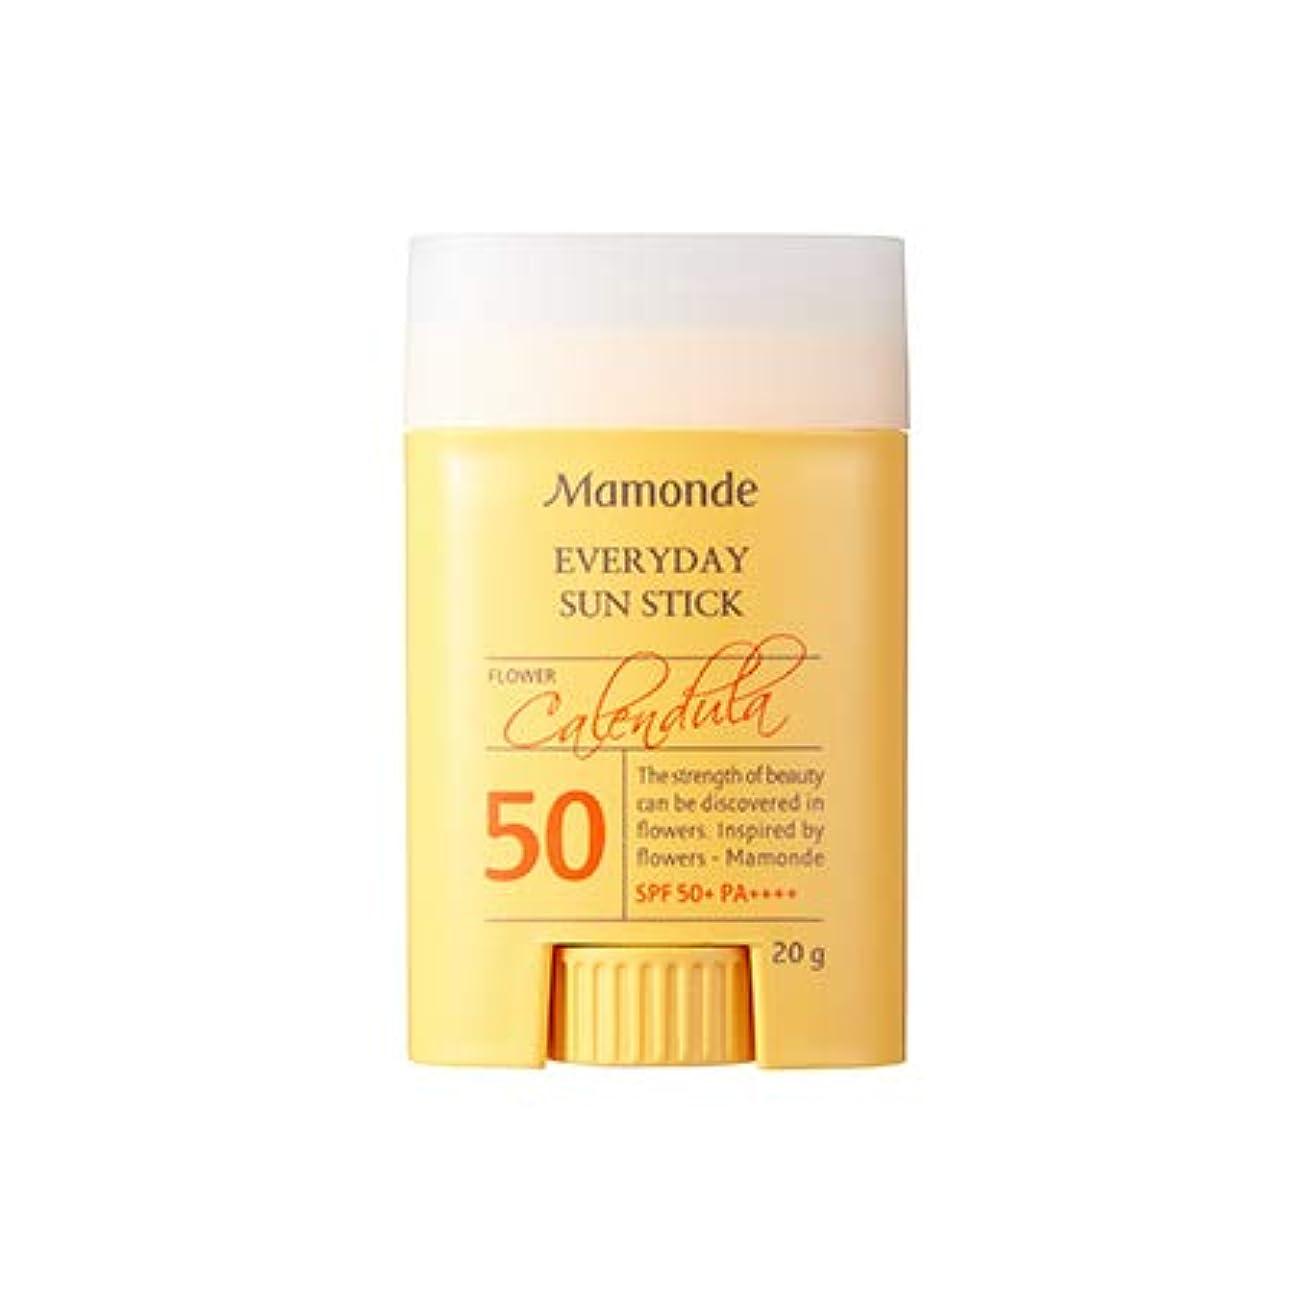 炎上に応じて人工Mamonde Everyday Sun Stick 20g マモンド エブリデーサンスティック (SPF50+/PA++++) [並行輸入品]